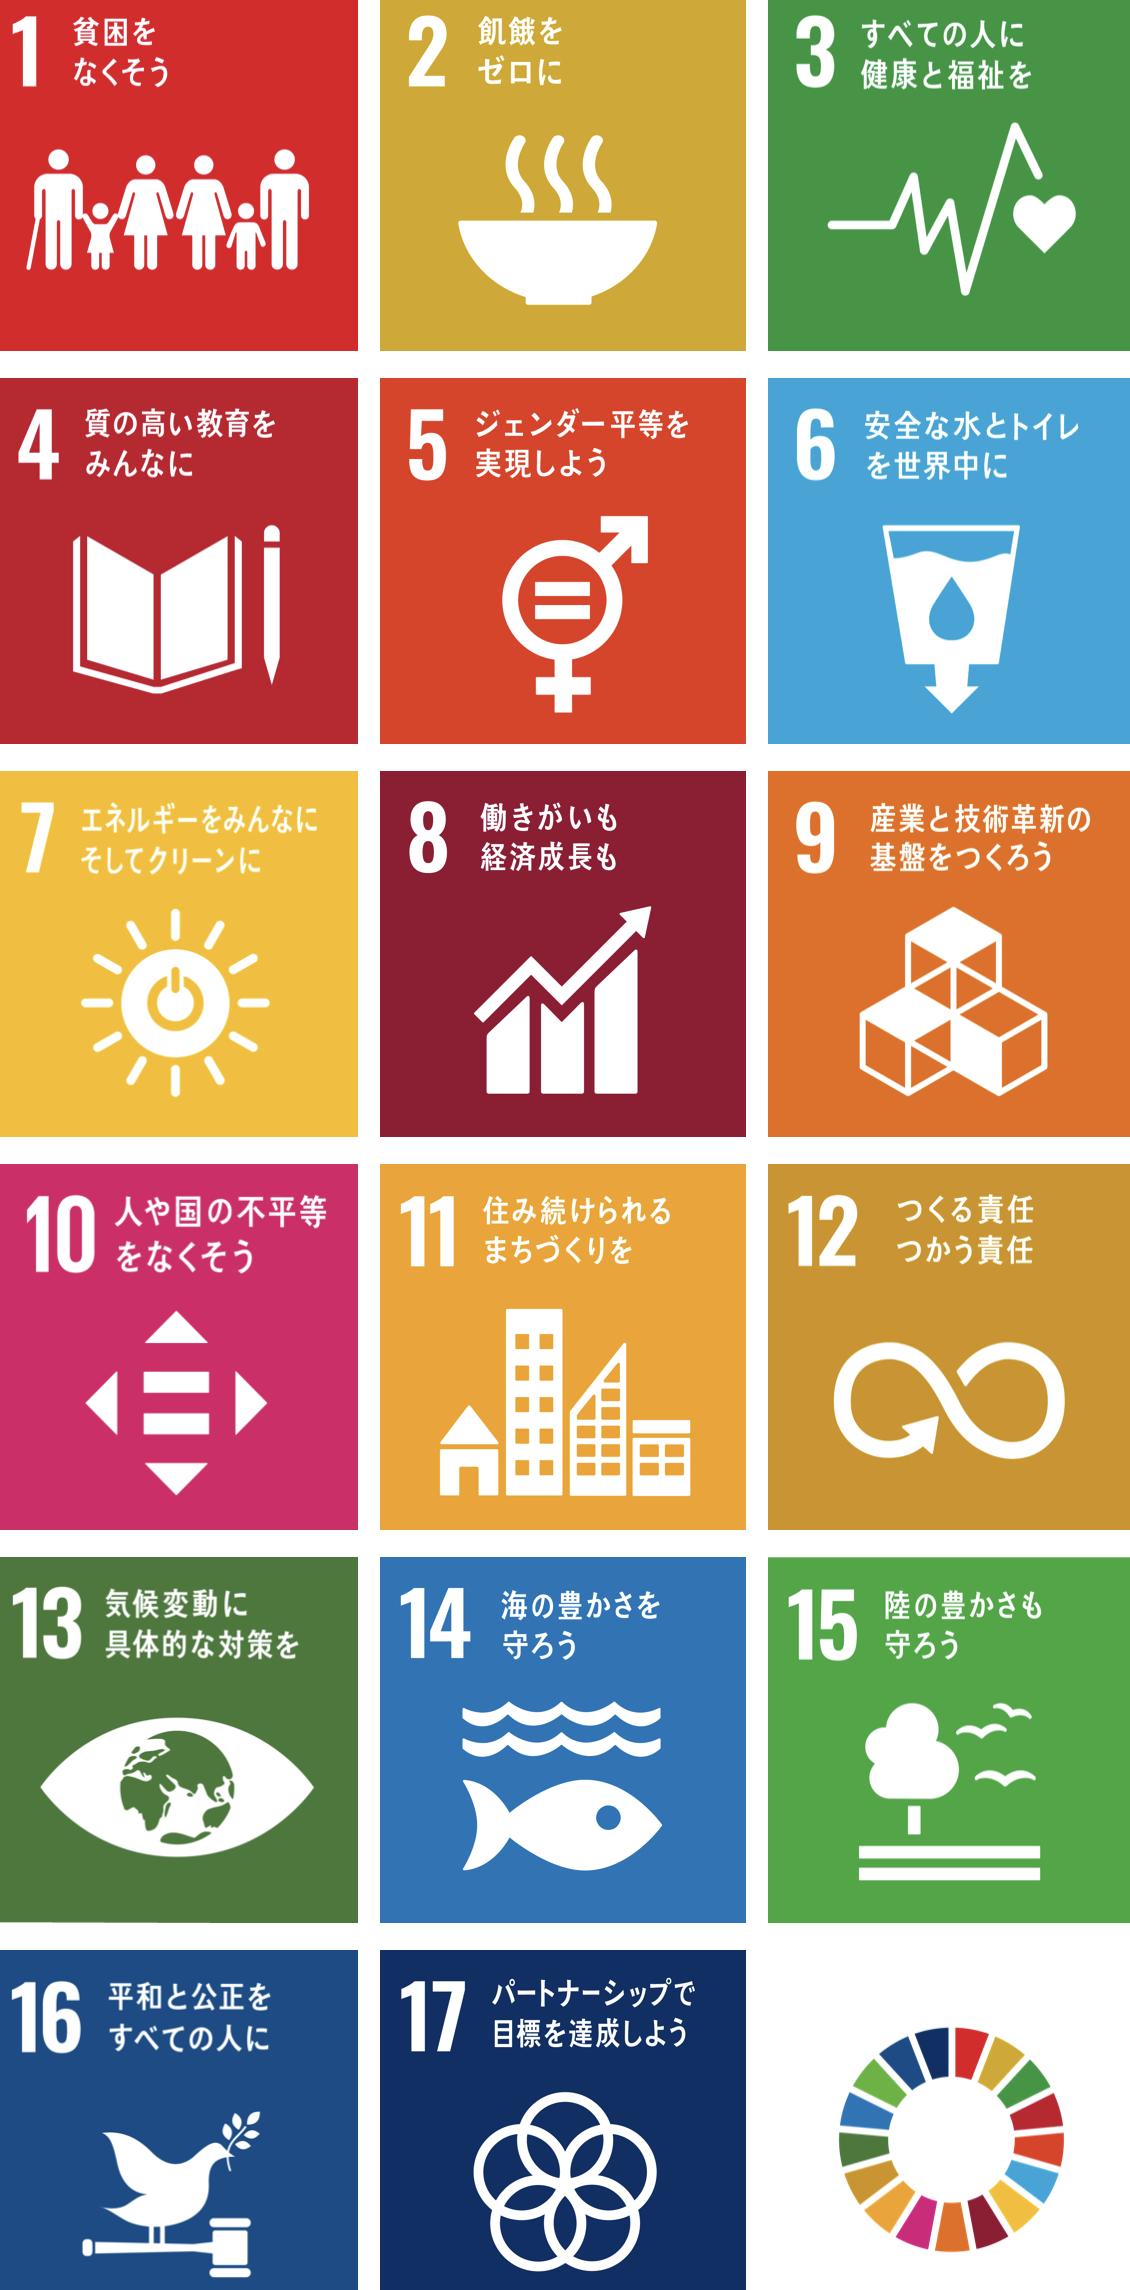 SDGsってなんだろう??🤔 そして日々に感謝です🙏